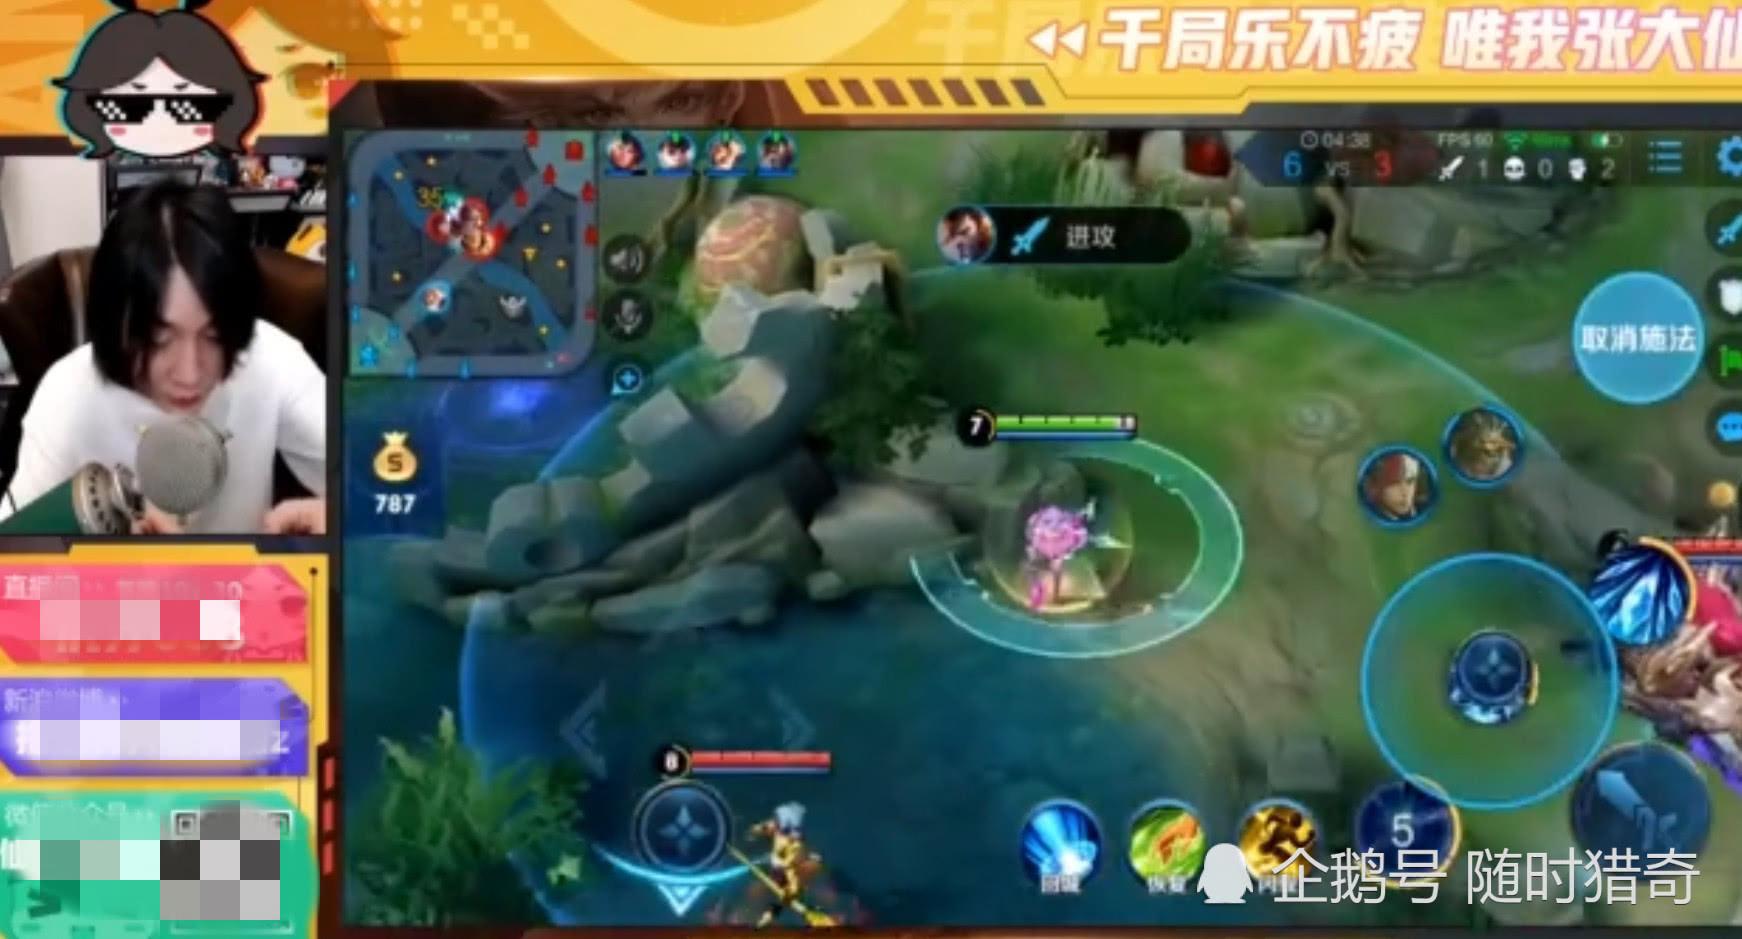 张大仙坦言不怕韩信走位,下一秒韩信的做法,让张大仙想摔手机!